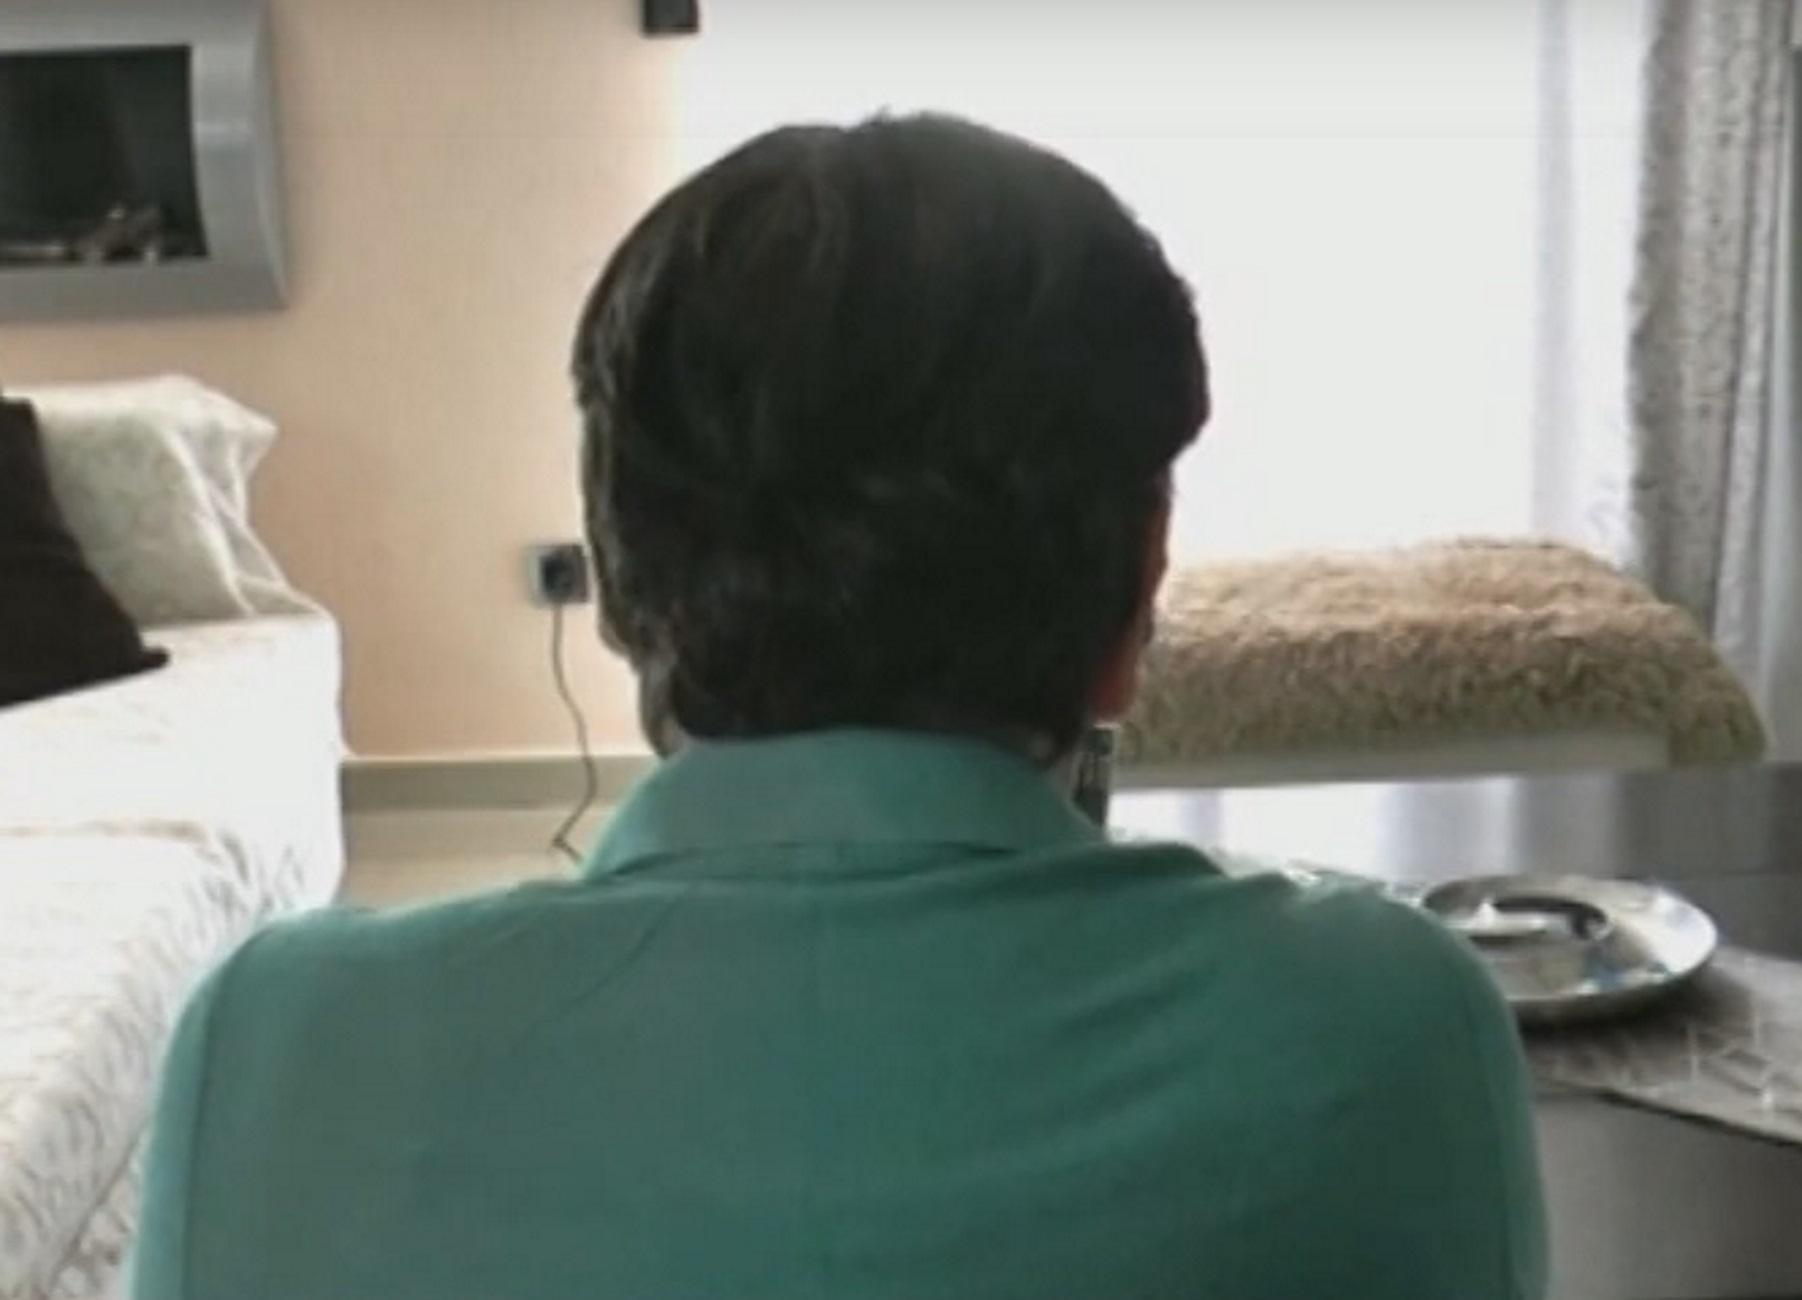 Κρήτη: Η εξομολόγηση του μουσικού που έπαθε πνευμονική εμβολή, 7 μέρες μετά το εμβόλιο της Astrazeneca (video)